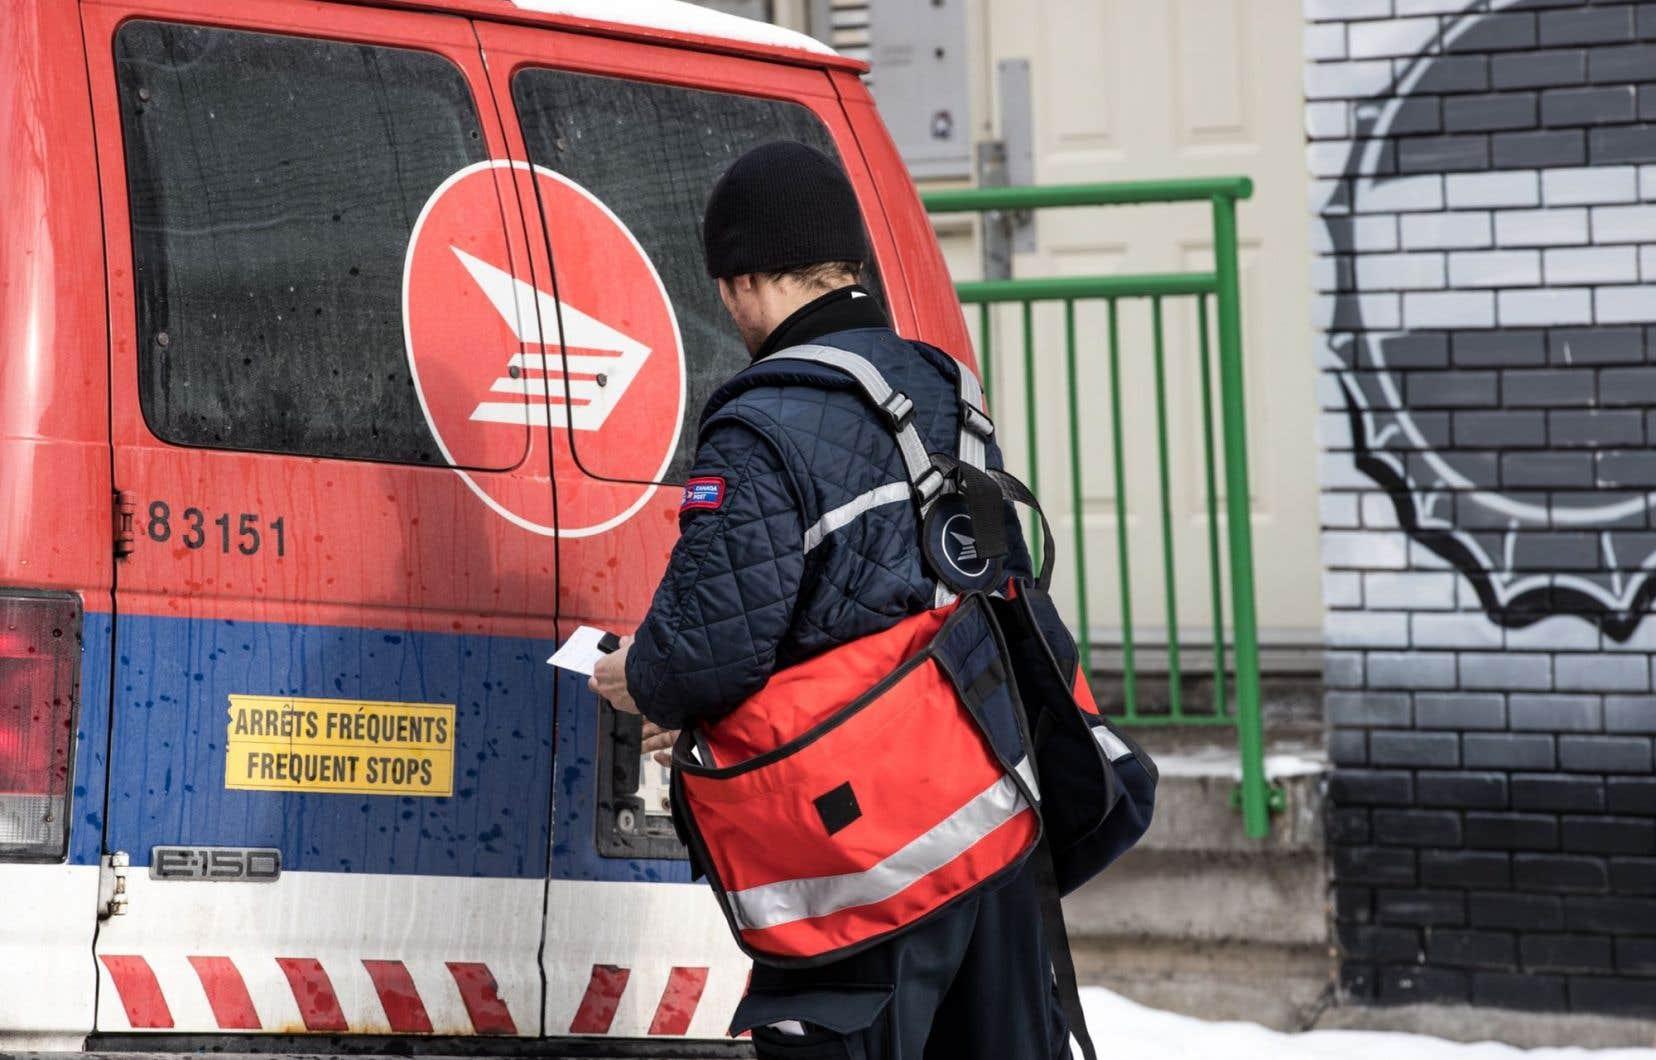 À la fin du mois de novembre, Postes Canada a annoncé qu'elle s'attendait conclure son exercice financier avec un déficit.